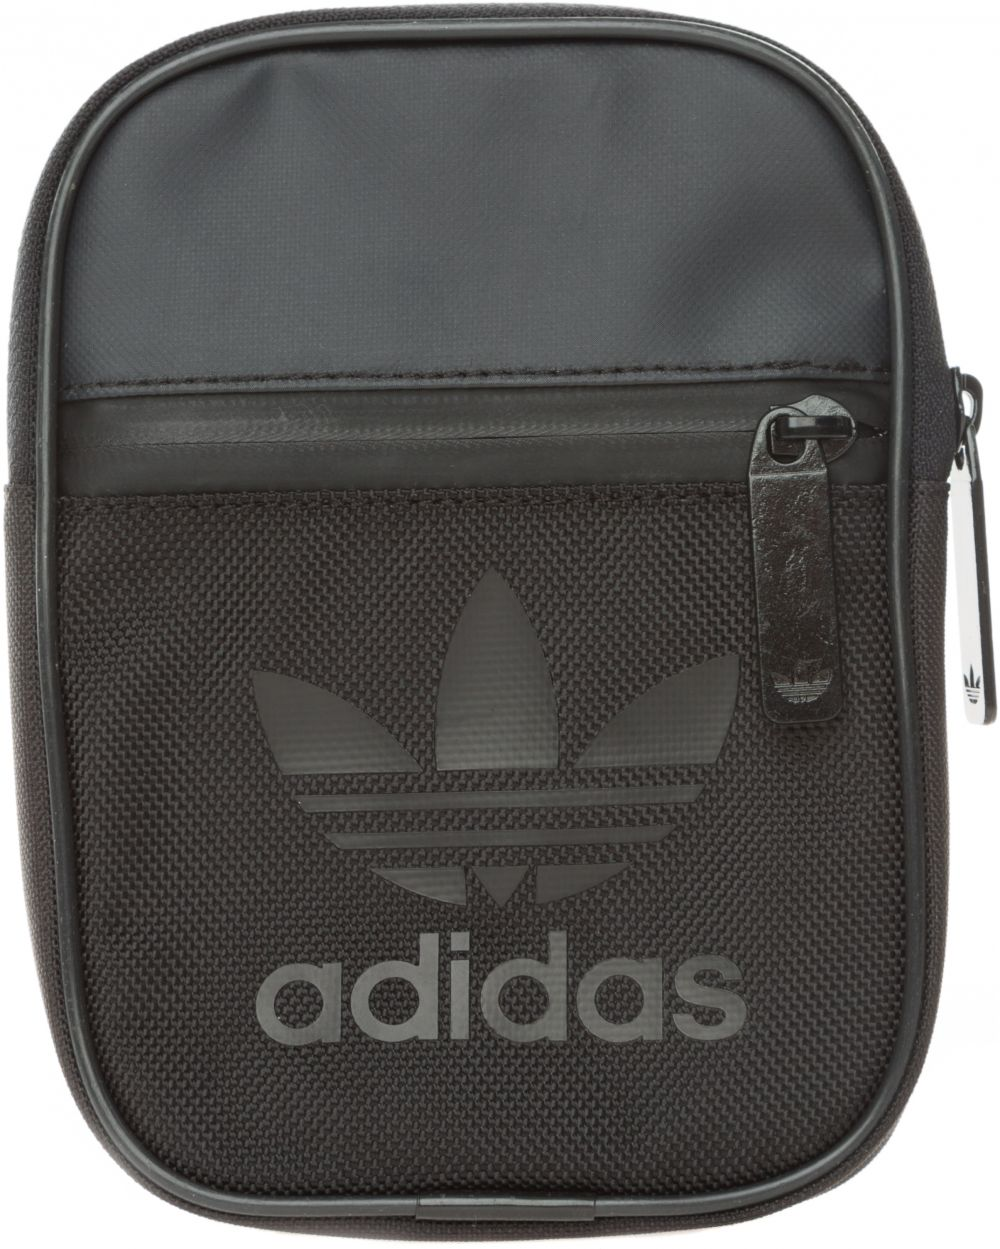 a920ef18a2 Festival Sport Cross body bag adidas Originals